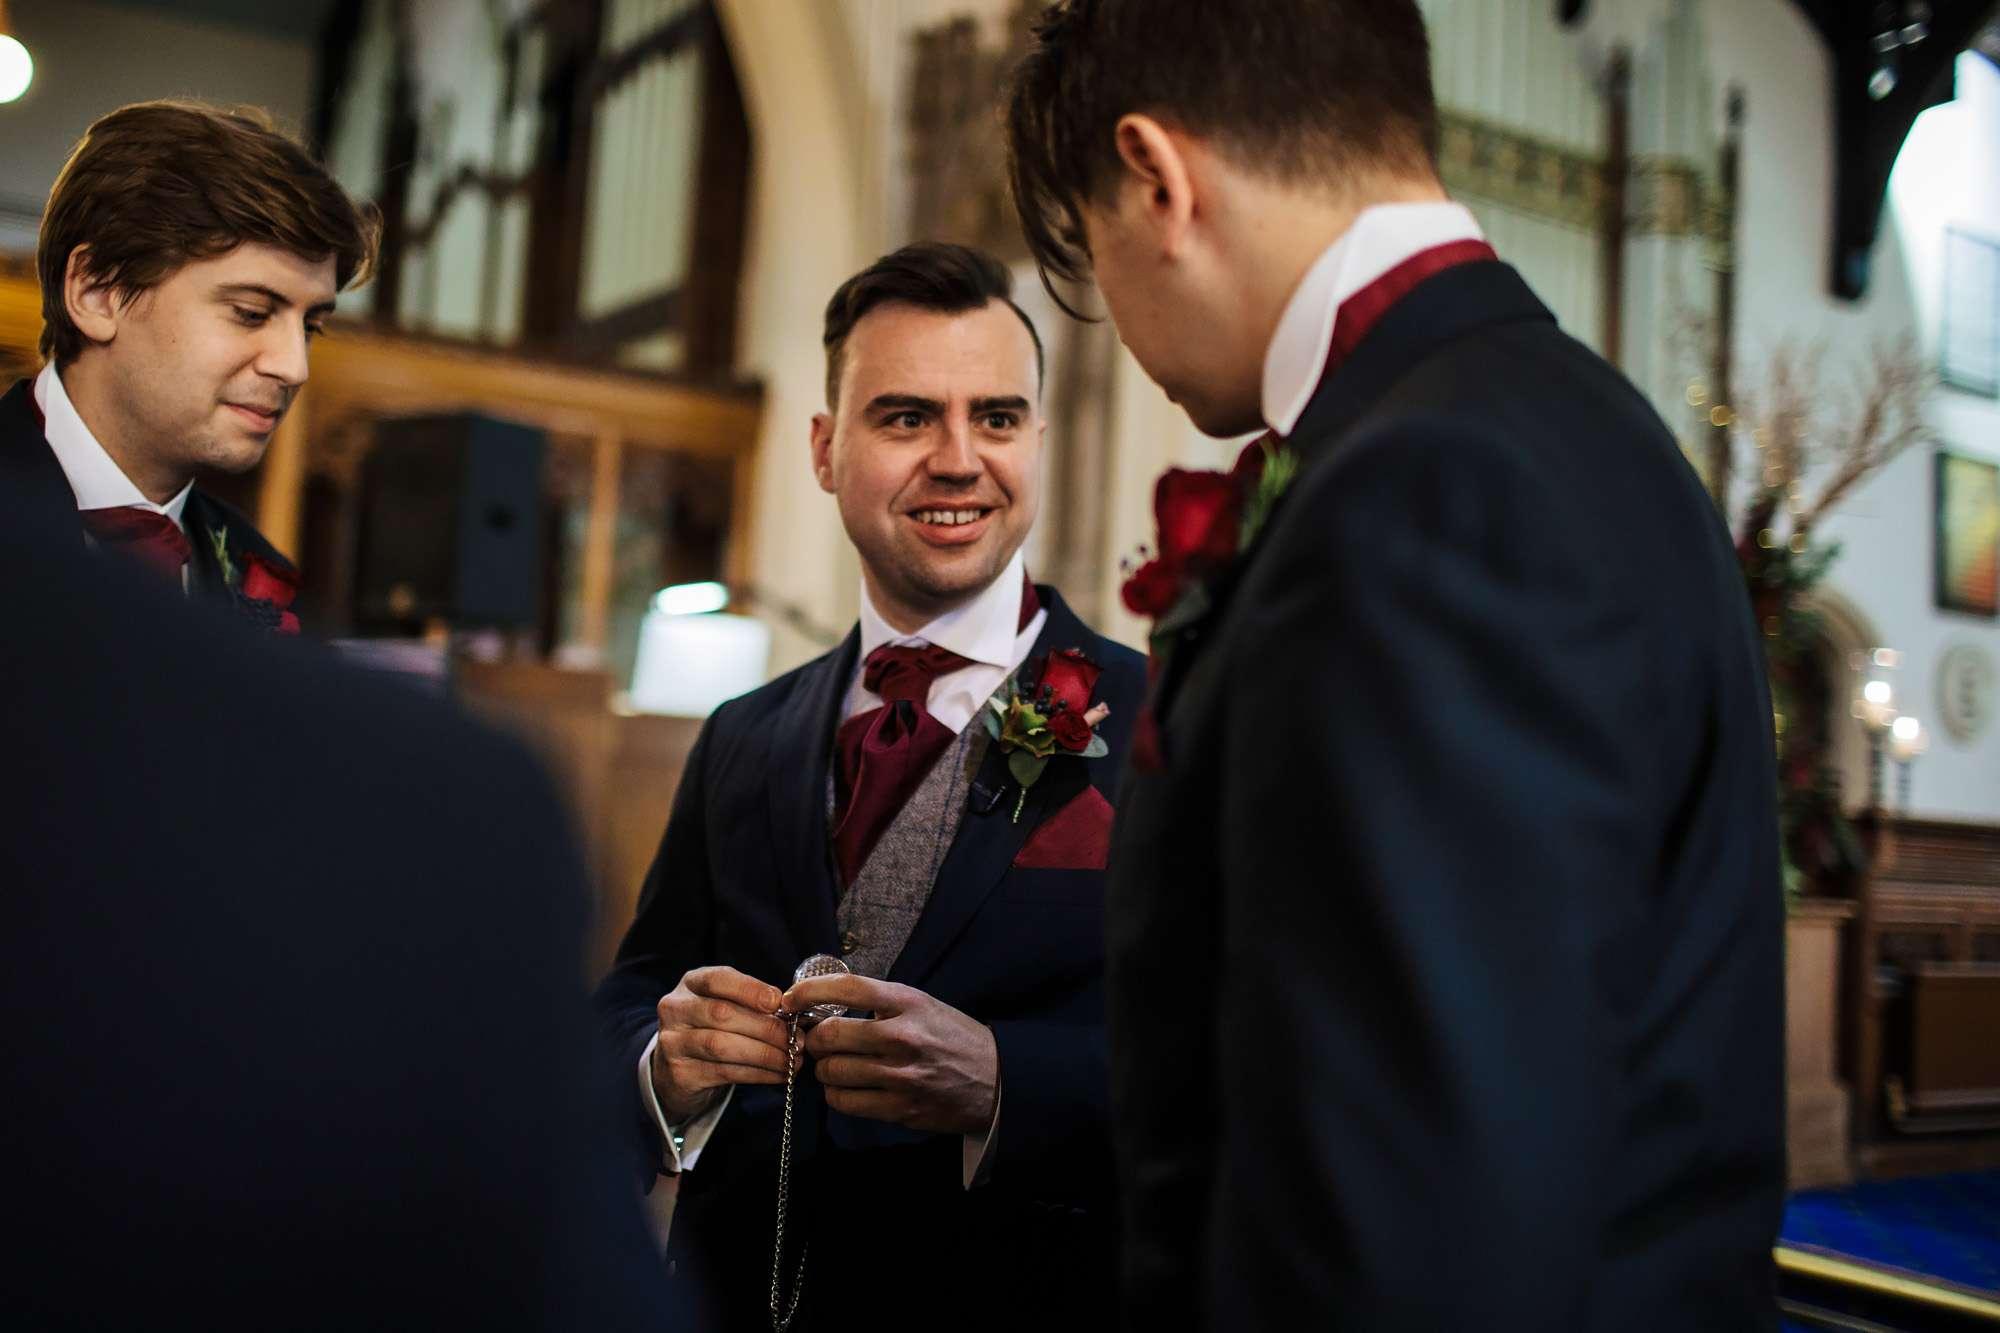 Groom joking with his groomsmen at a Blackpool wedding